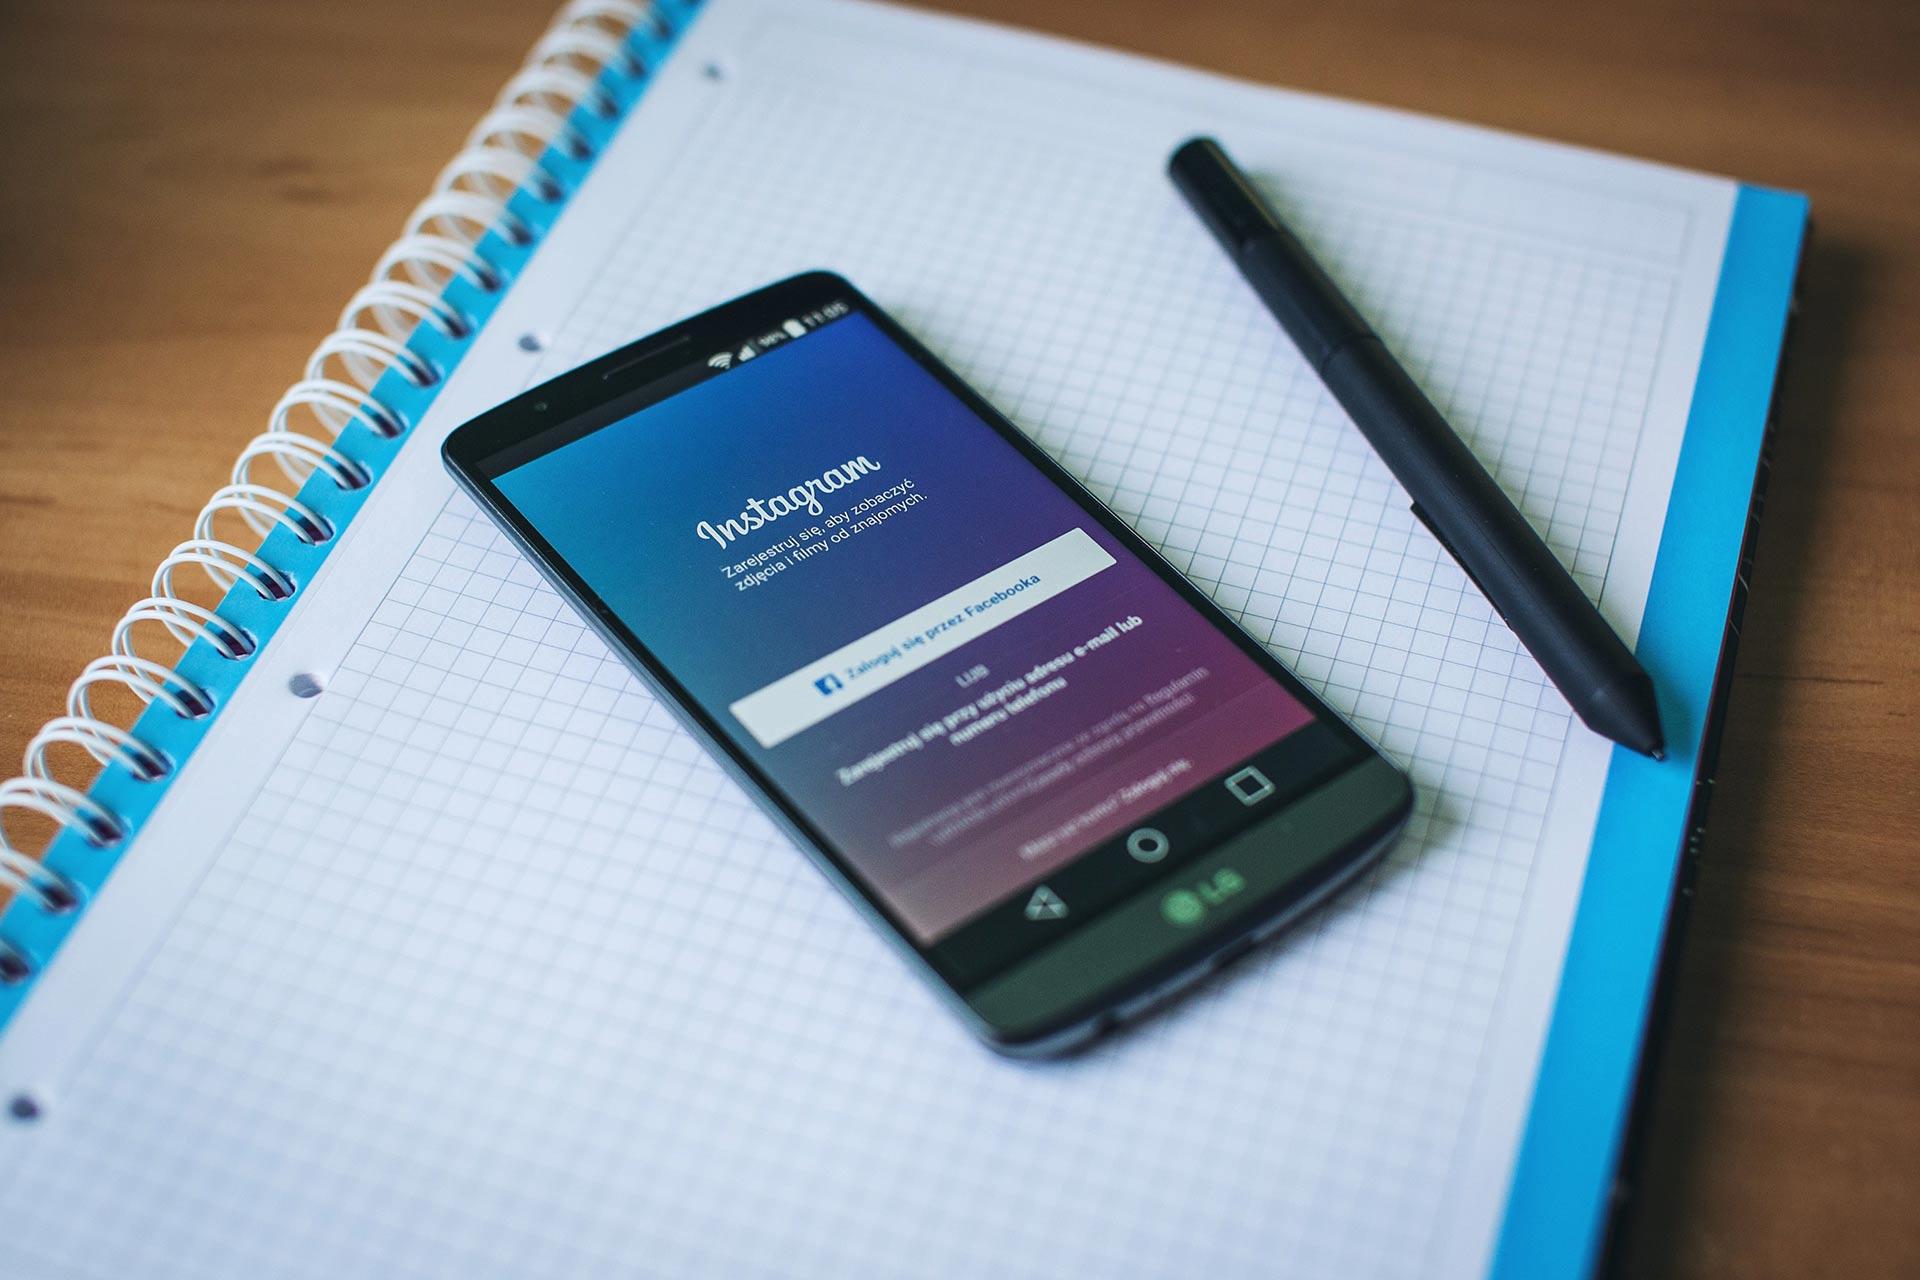 Бесплатный вебинар: Как подготовить свой Instagram аккаунт к продажам